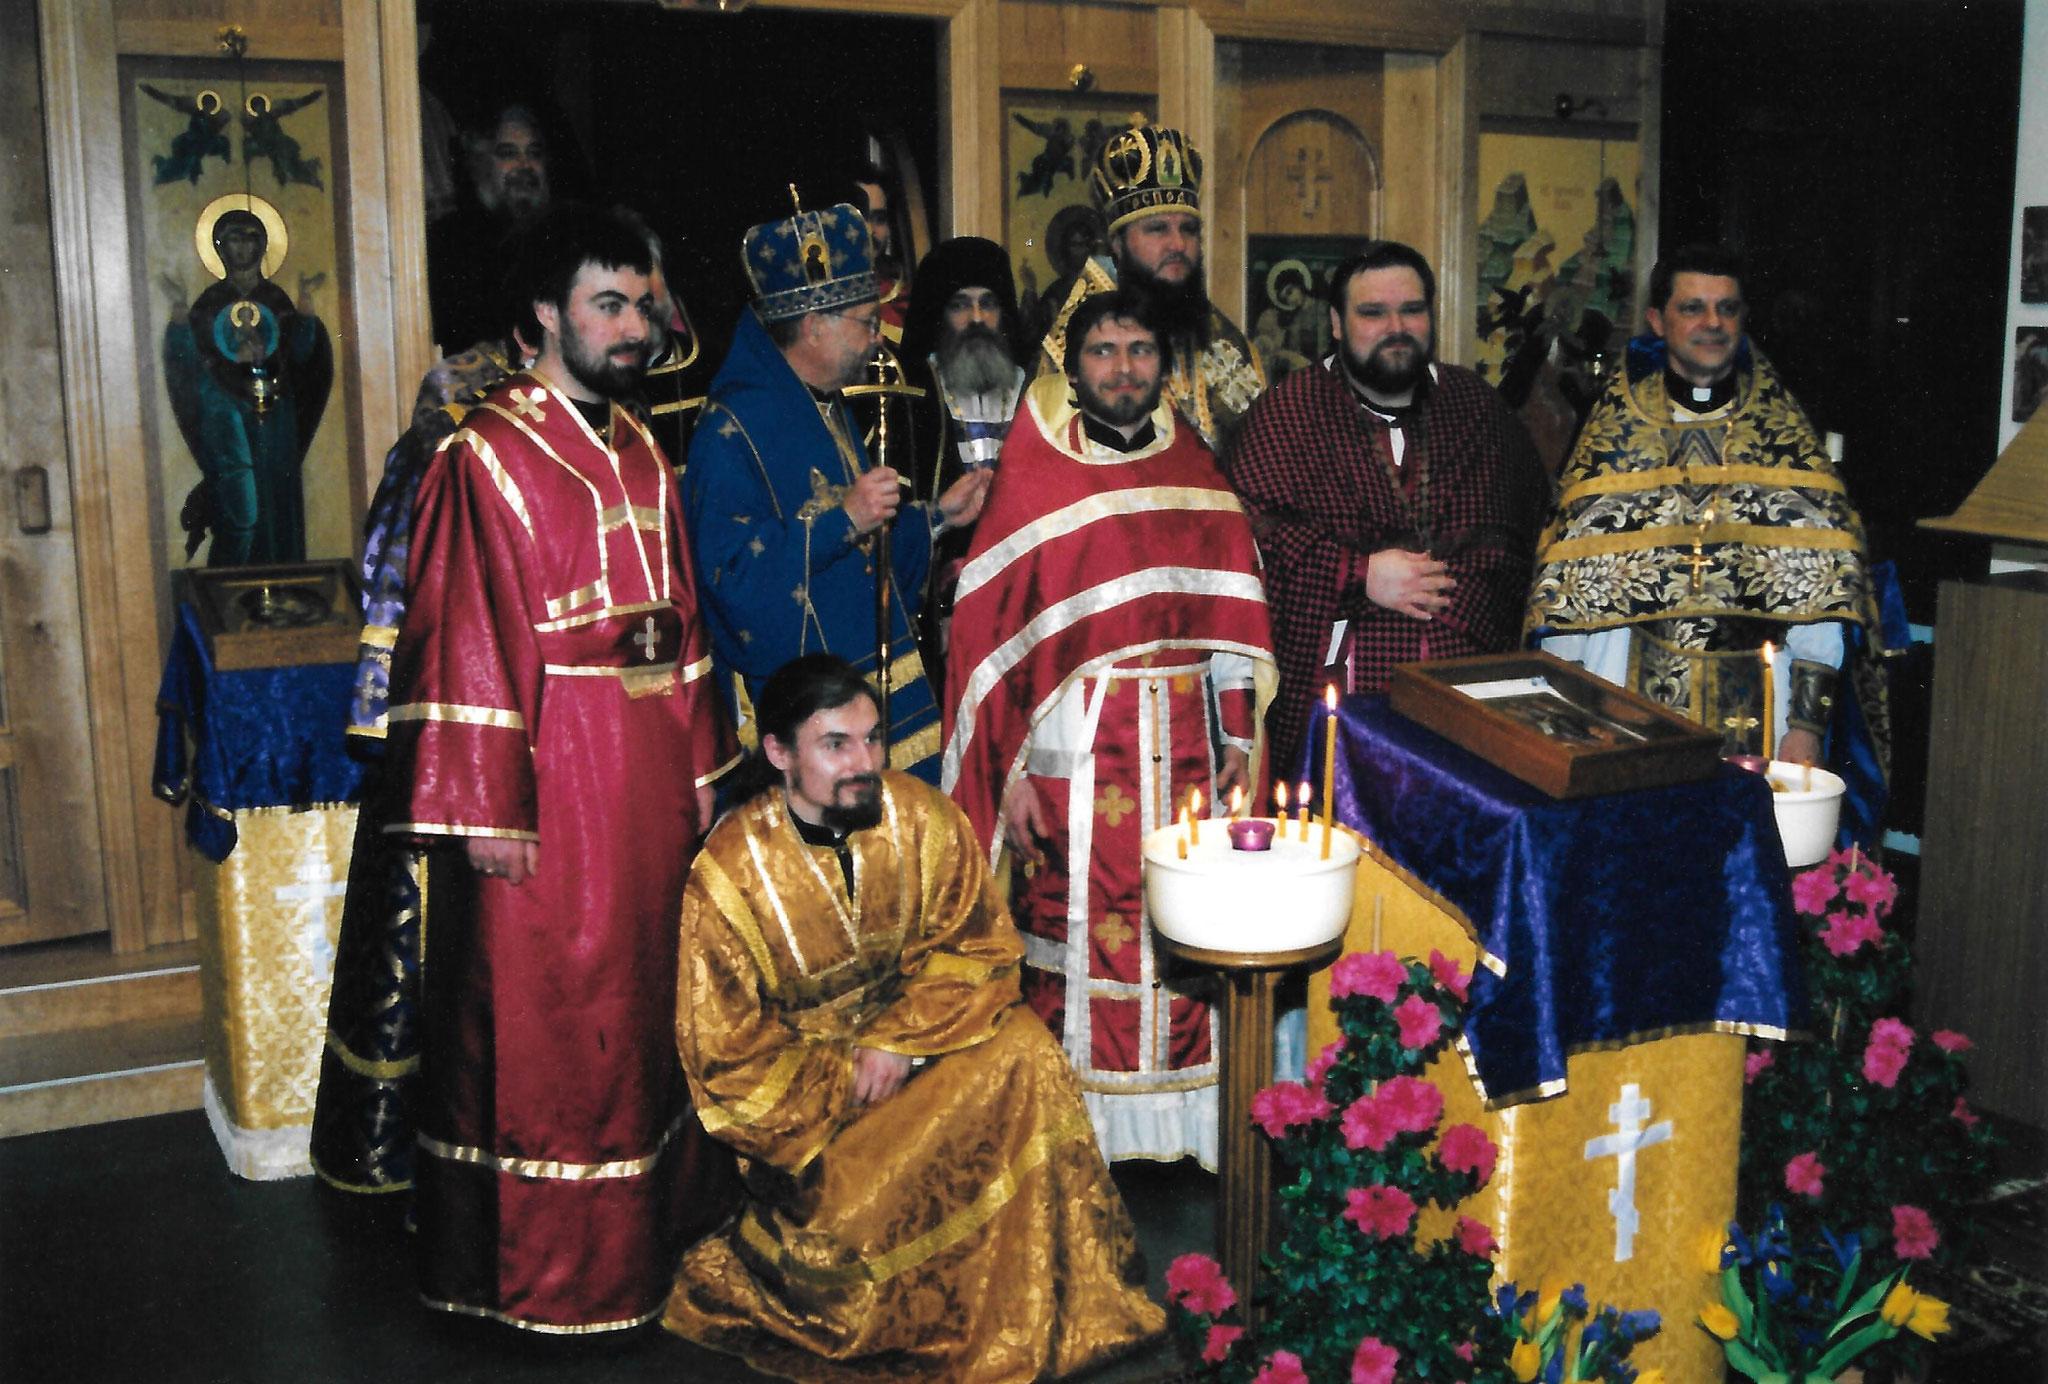 Визит предстоятеля автокефальной Церкви в Америке Митрополита Феодосия и епископа Красногорского Саввы, викария Московской епархии, март 2001 год